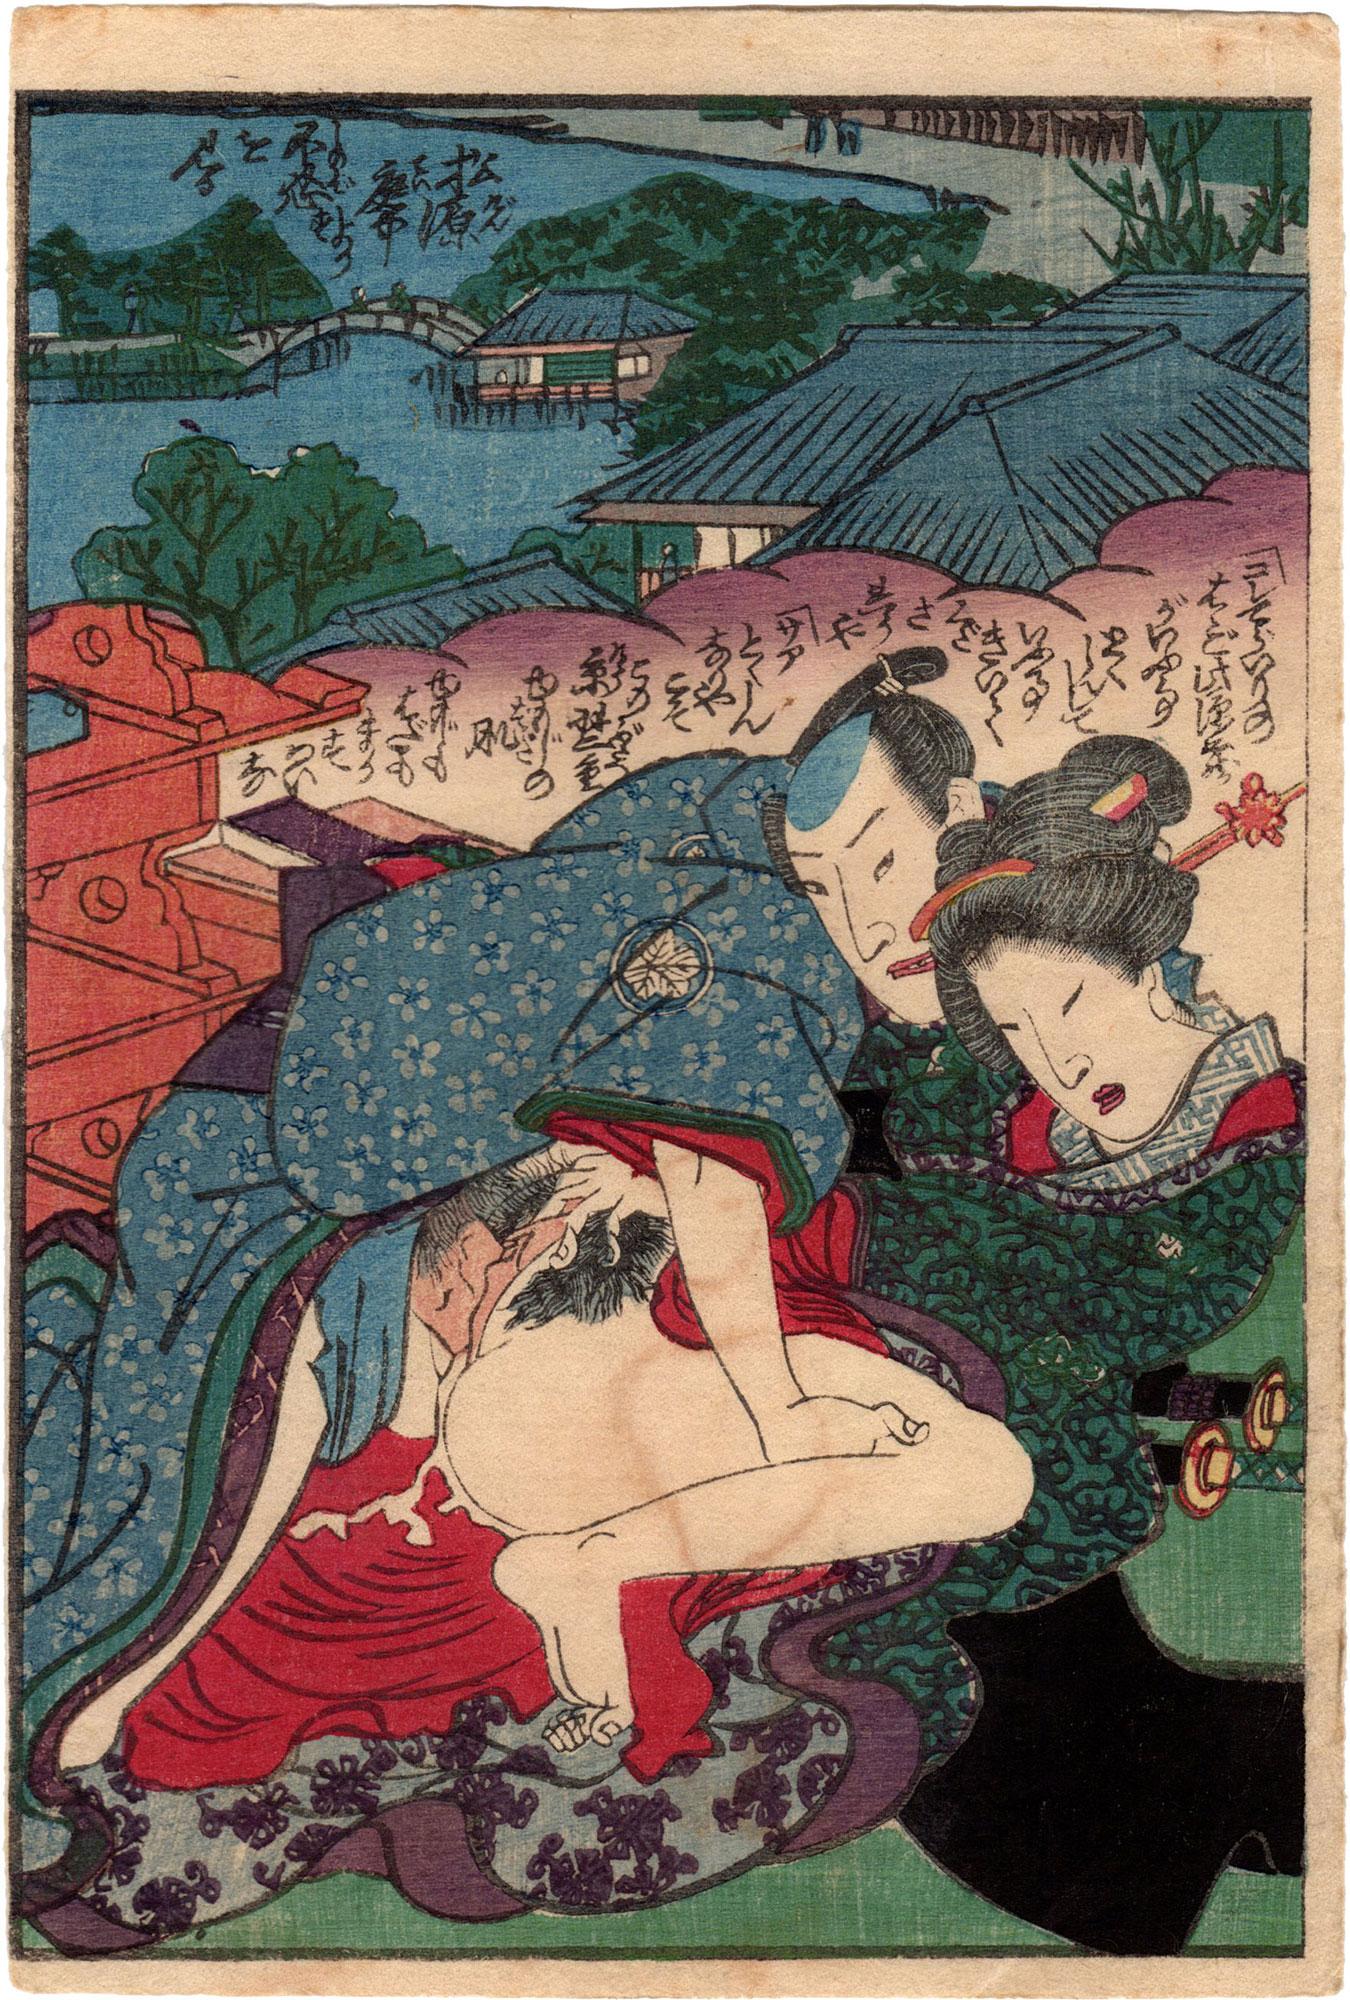 MATSUGEN (Toyohara Kunichika)